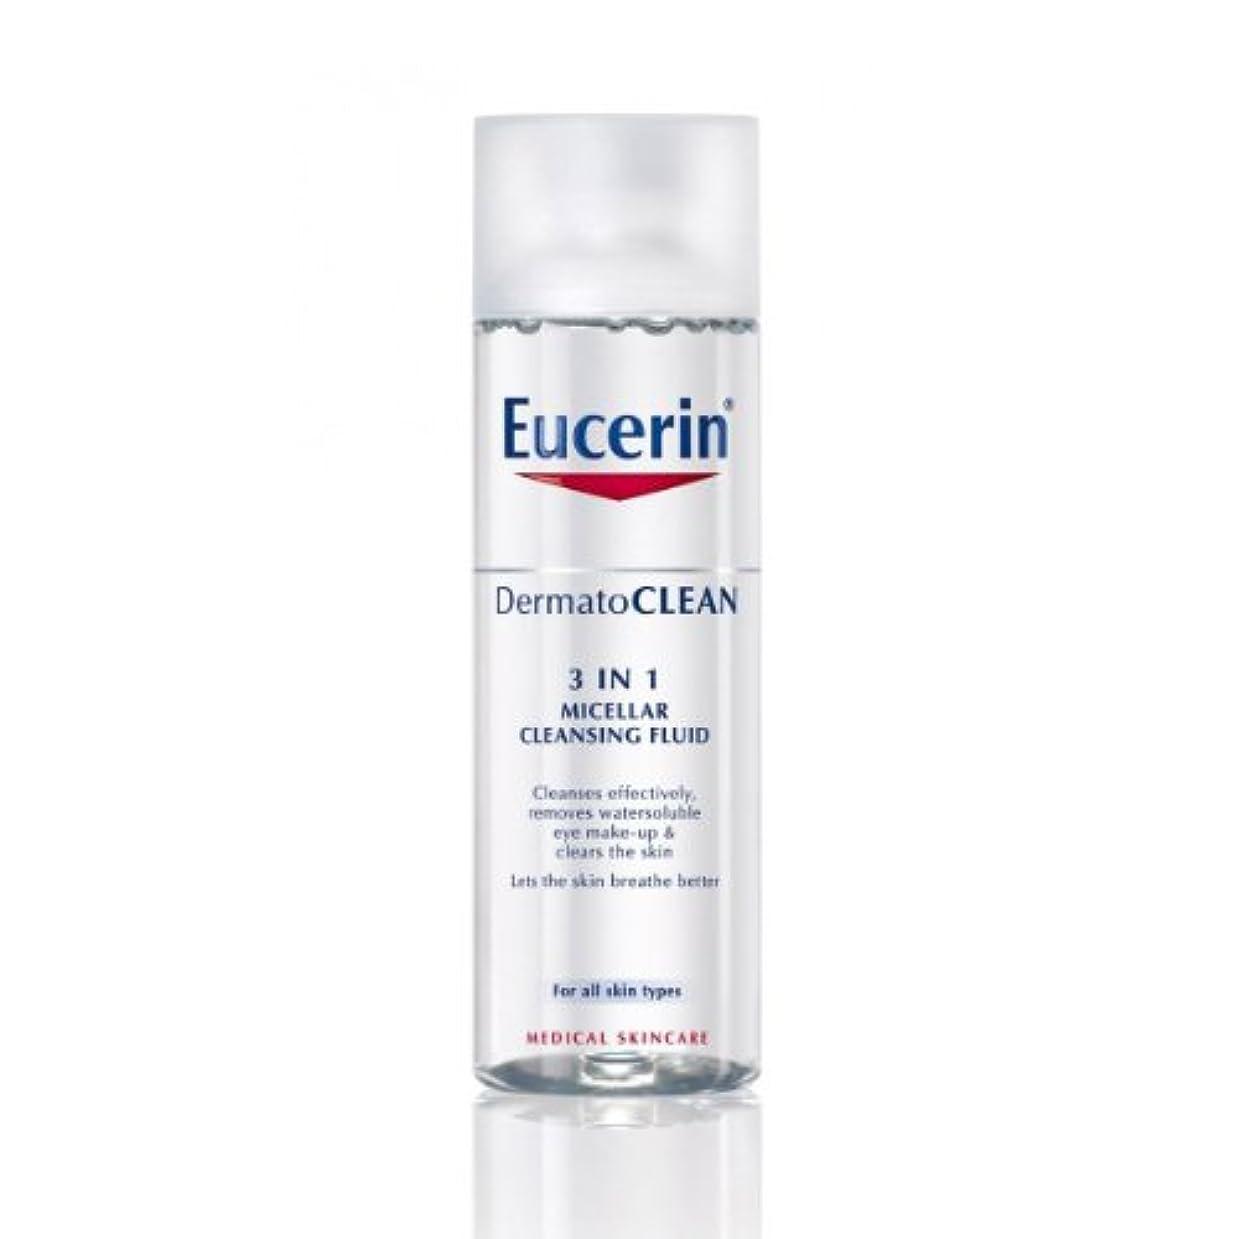 ハーネス無視する値下げEucerin Dermatoclean 3in1 Micellar Cleansing Fluid 200ml [並行輸入品]